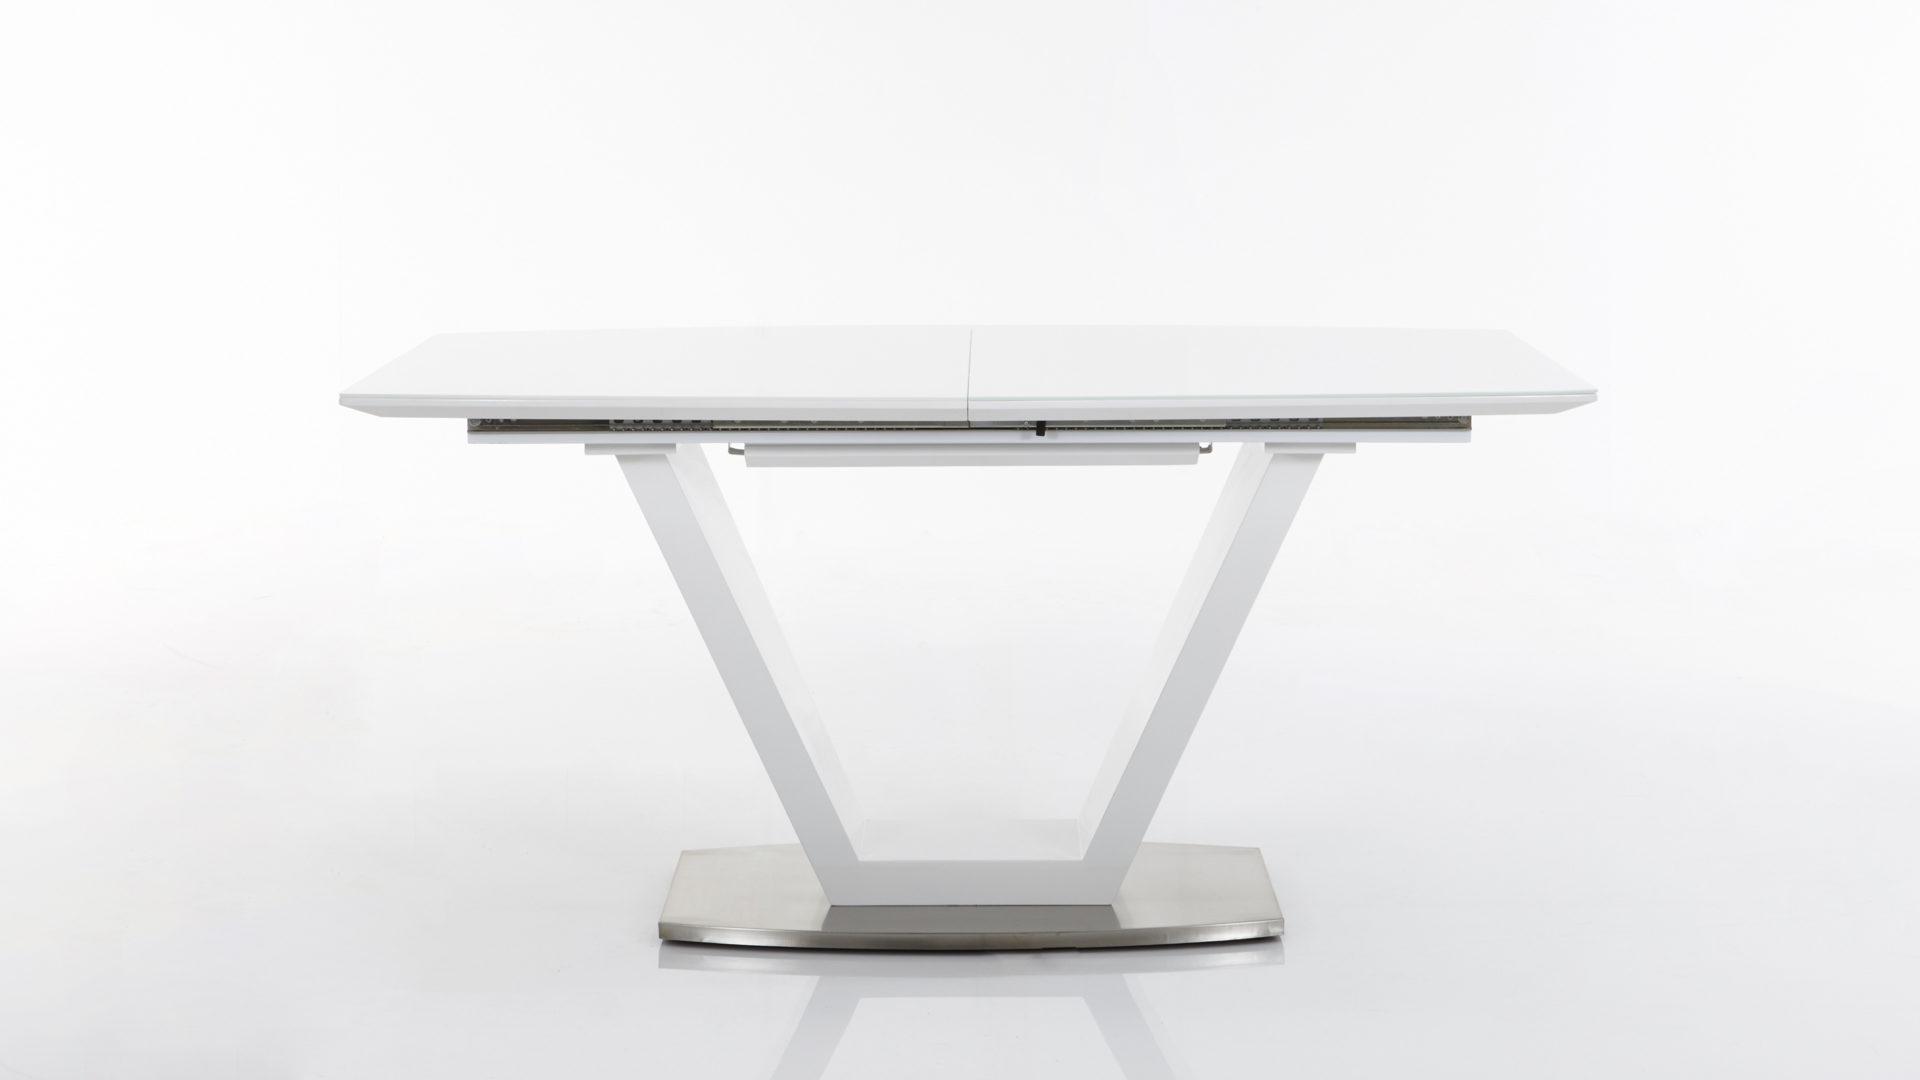 Auszugtisch Mca Furniture Aus Holz In Weiß Ausziehtisch Bzw. Ausziehbarer  Esstisch Hochglanz Weiß U2013 Ca